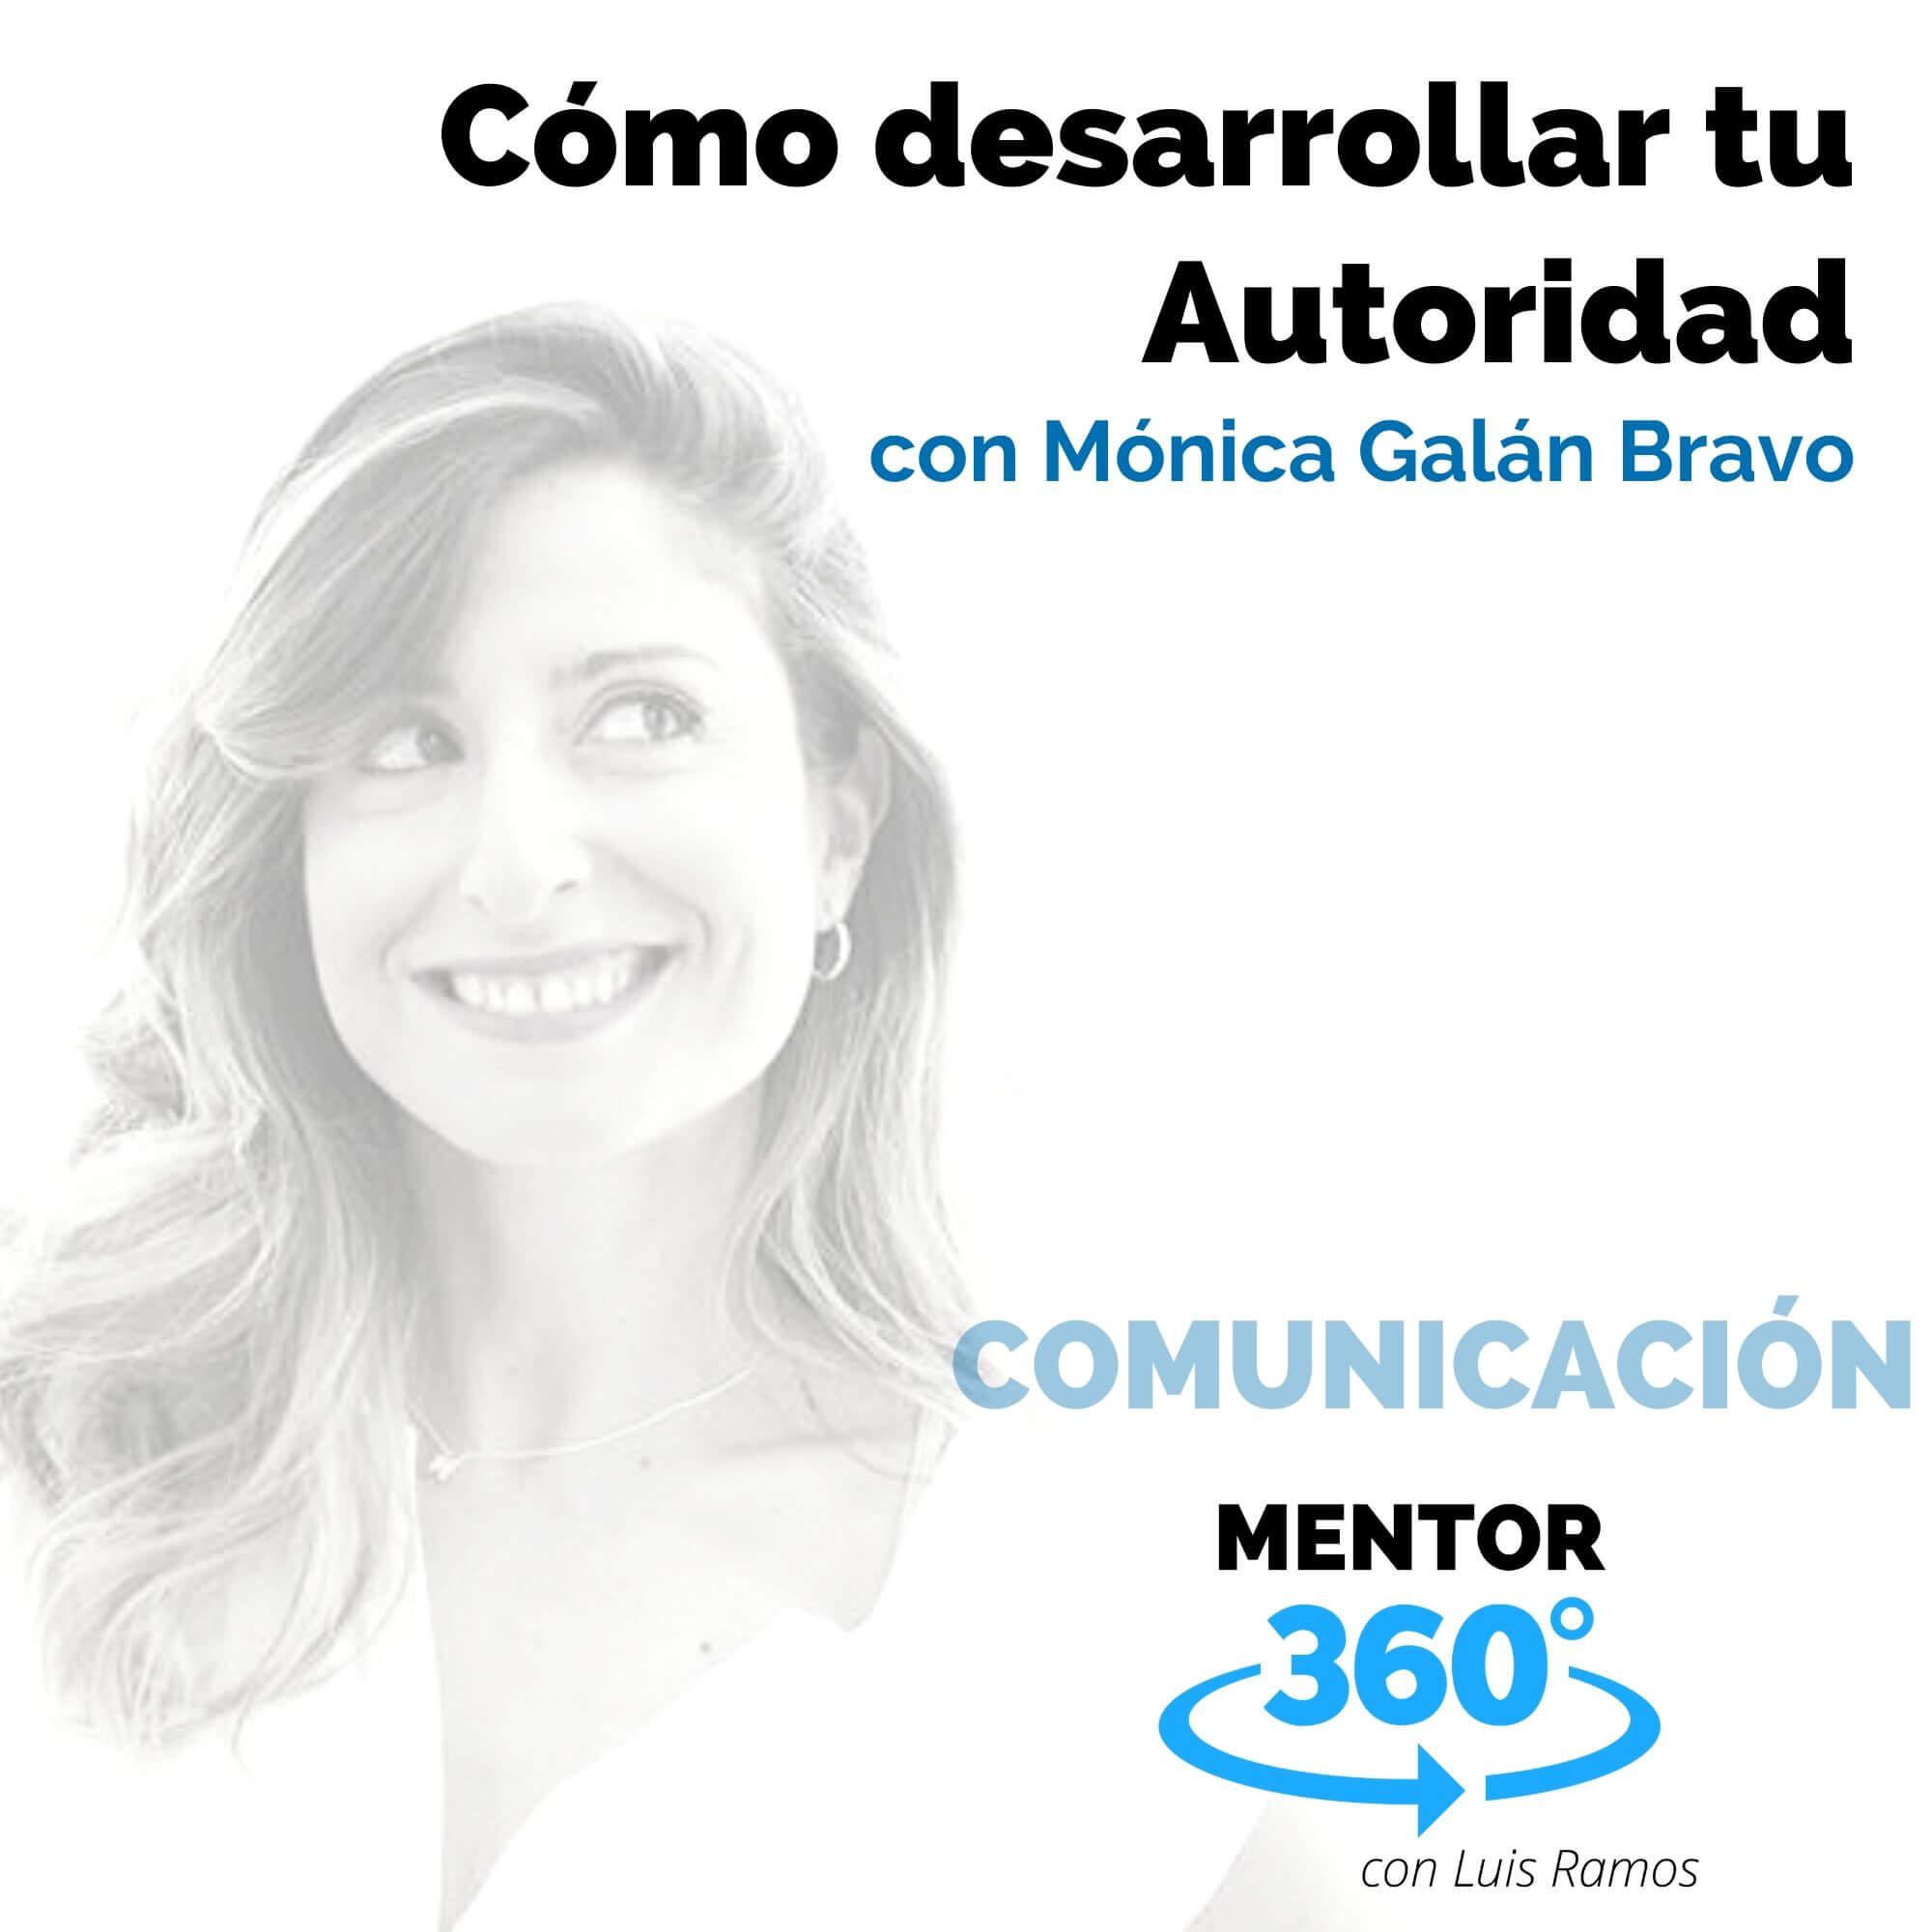 Cómo desarrollar tu Autoridad, con Mónica Galán Bravo - COMUNICACIÓN